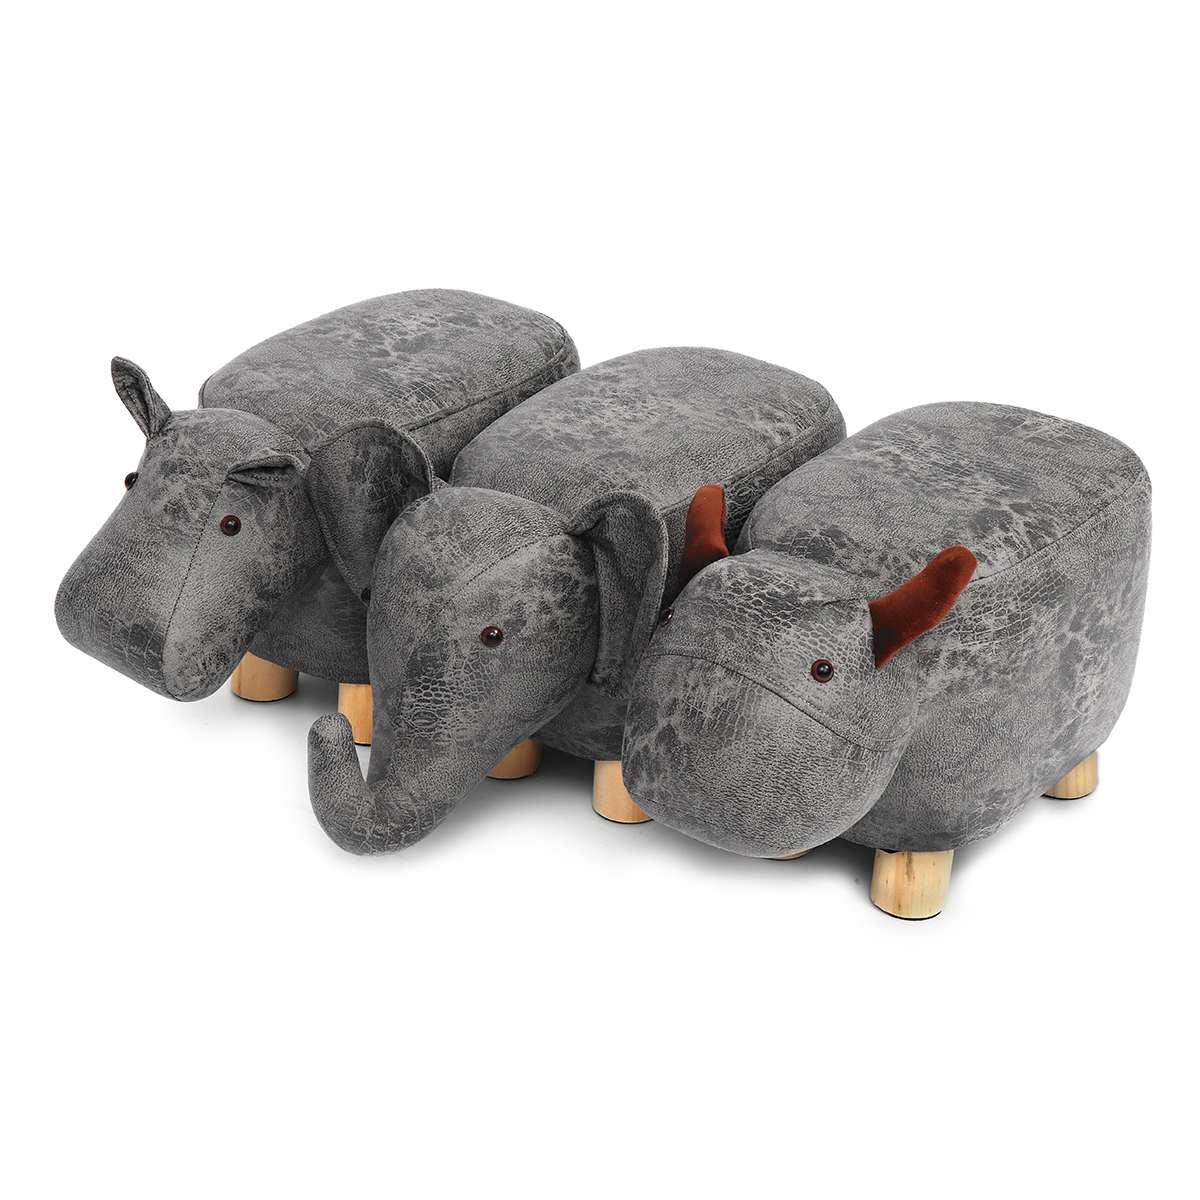 50x28x24 cm canapé forme animale repose-pieds poufs chaussures rembourré coussin pouf tabourets repos siège maison enfants chambre meubles décor